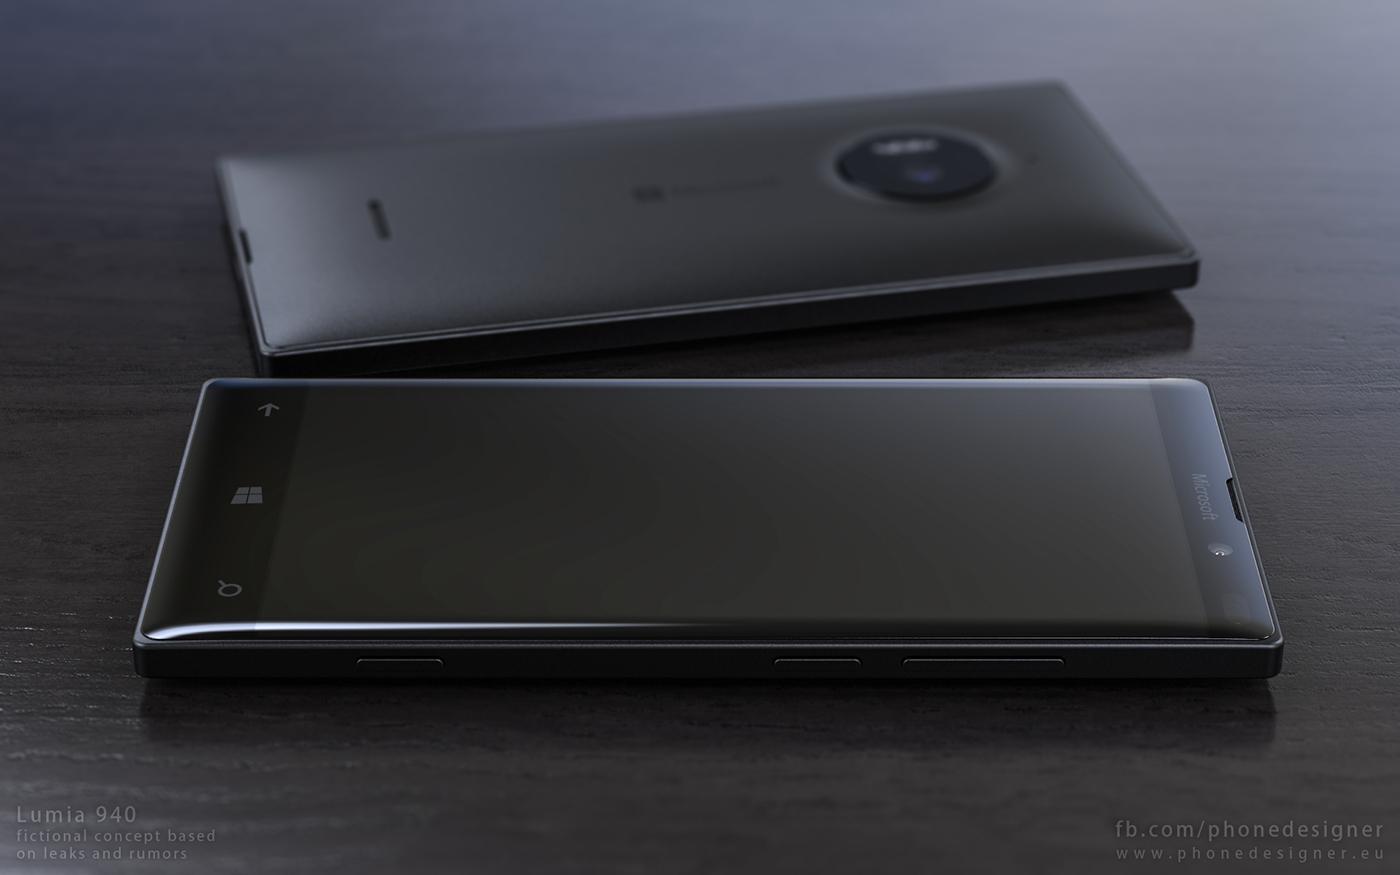 Lumia 940 Concept 14